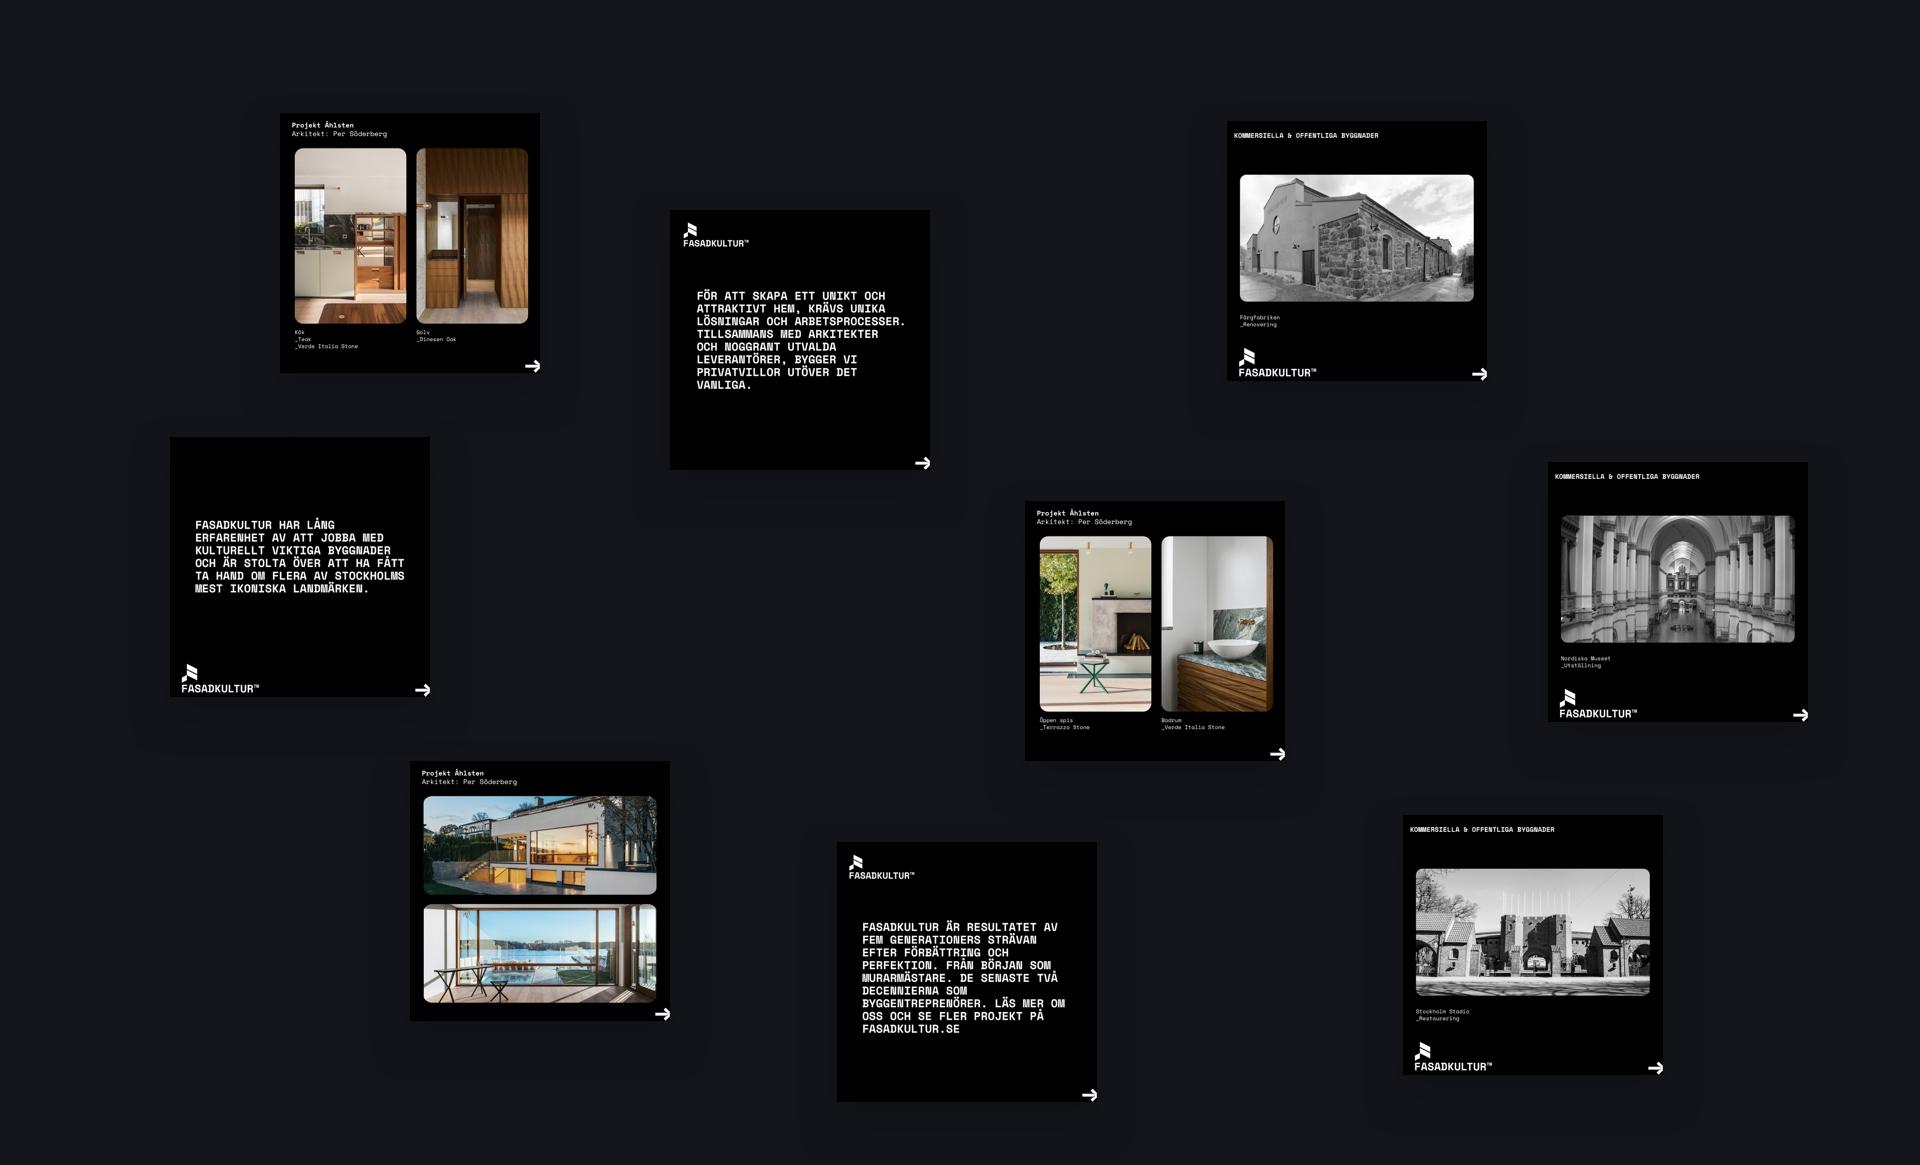 Digital marknadsföring arkitekt bygg